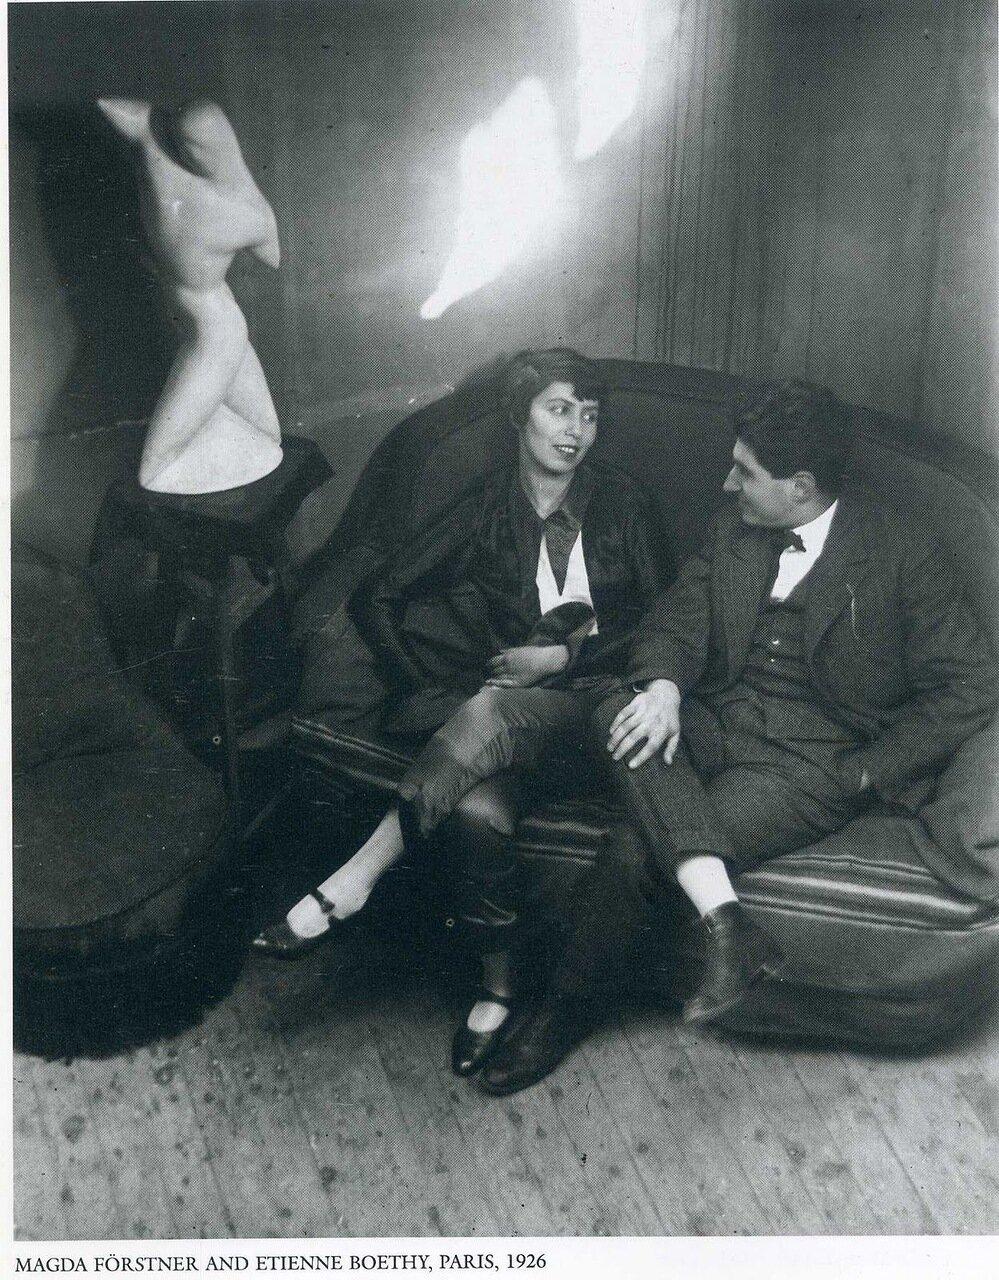 Магда Форстнер и Этьен Боэти. Париж, 1926